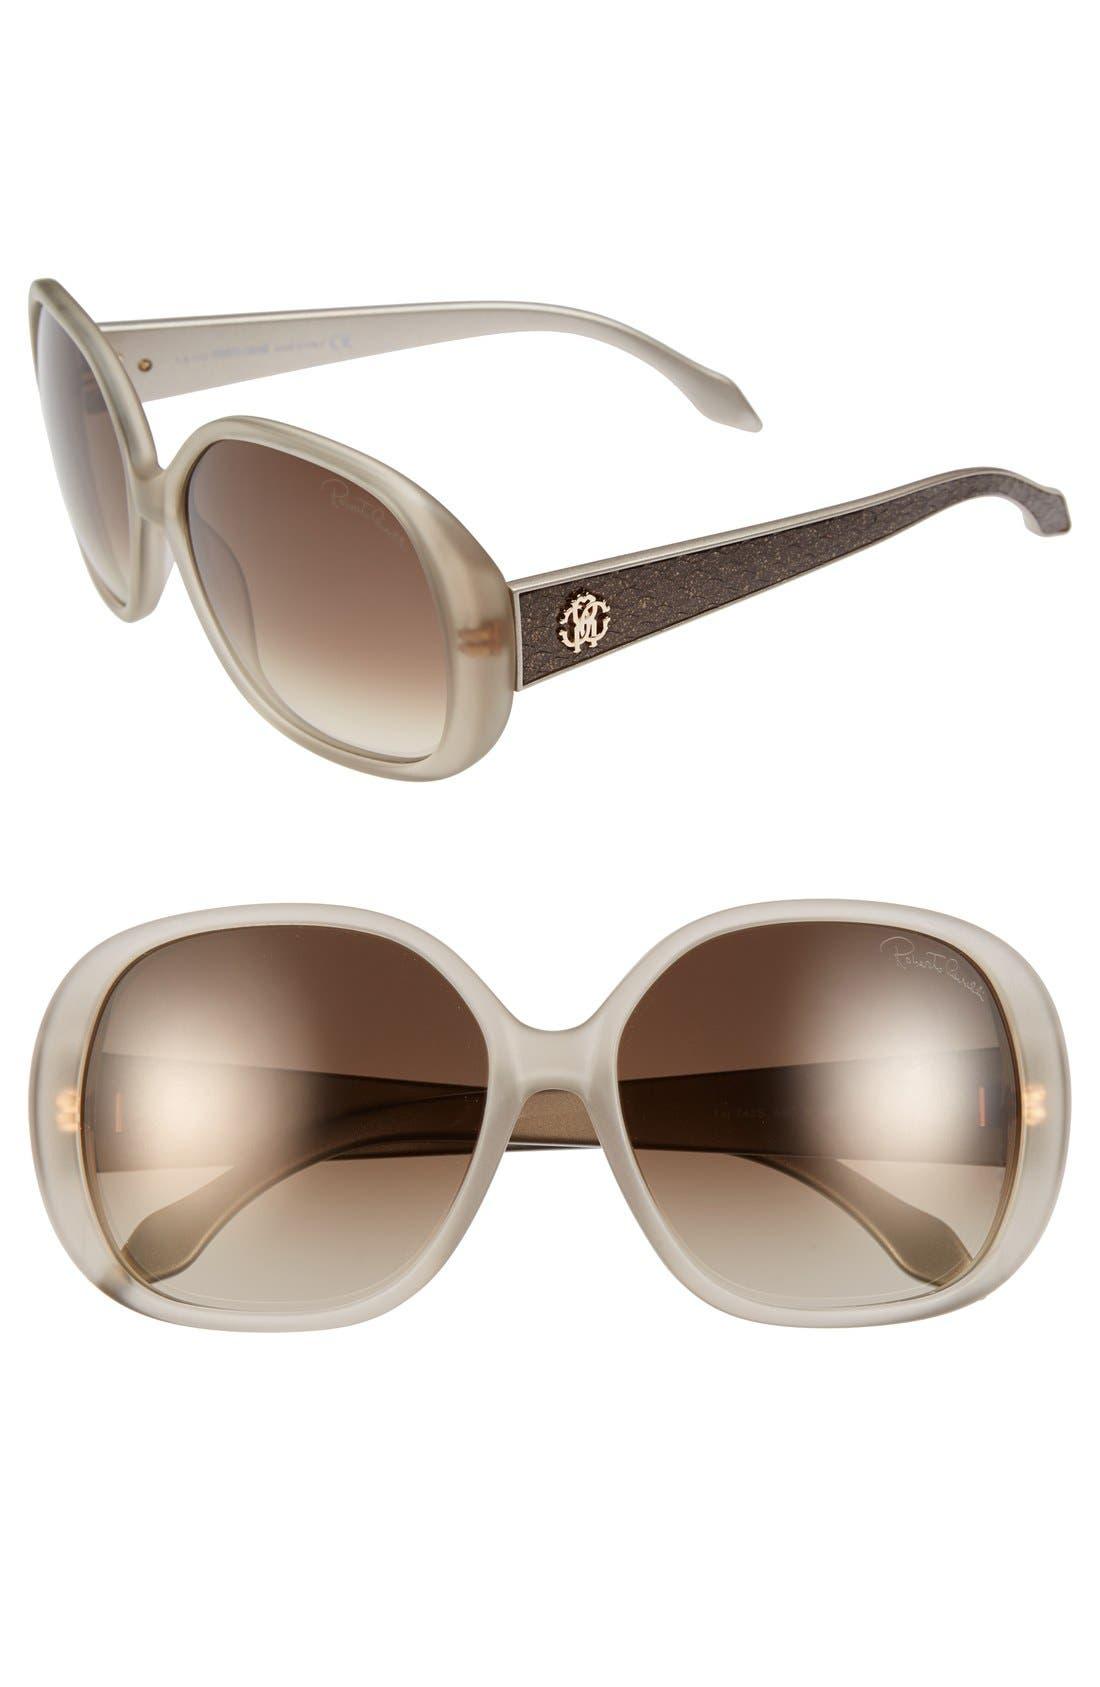 Alternate Image 1 Selected - Roberto Cavalli 'Taj' 60mm Sunglasses